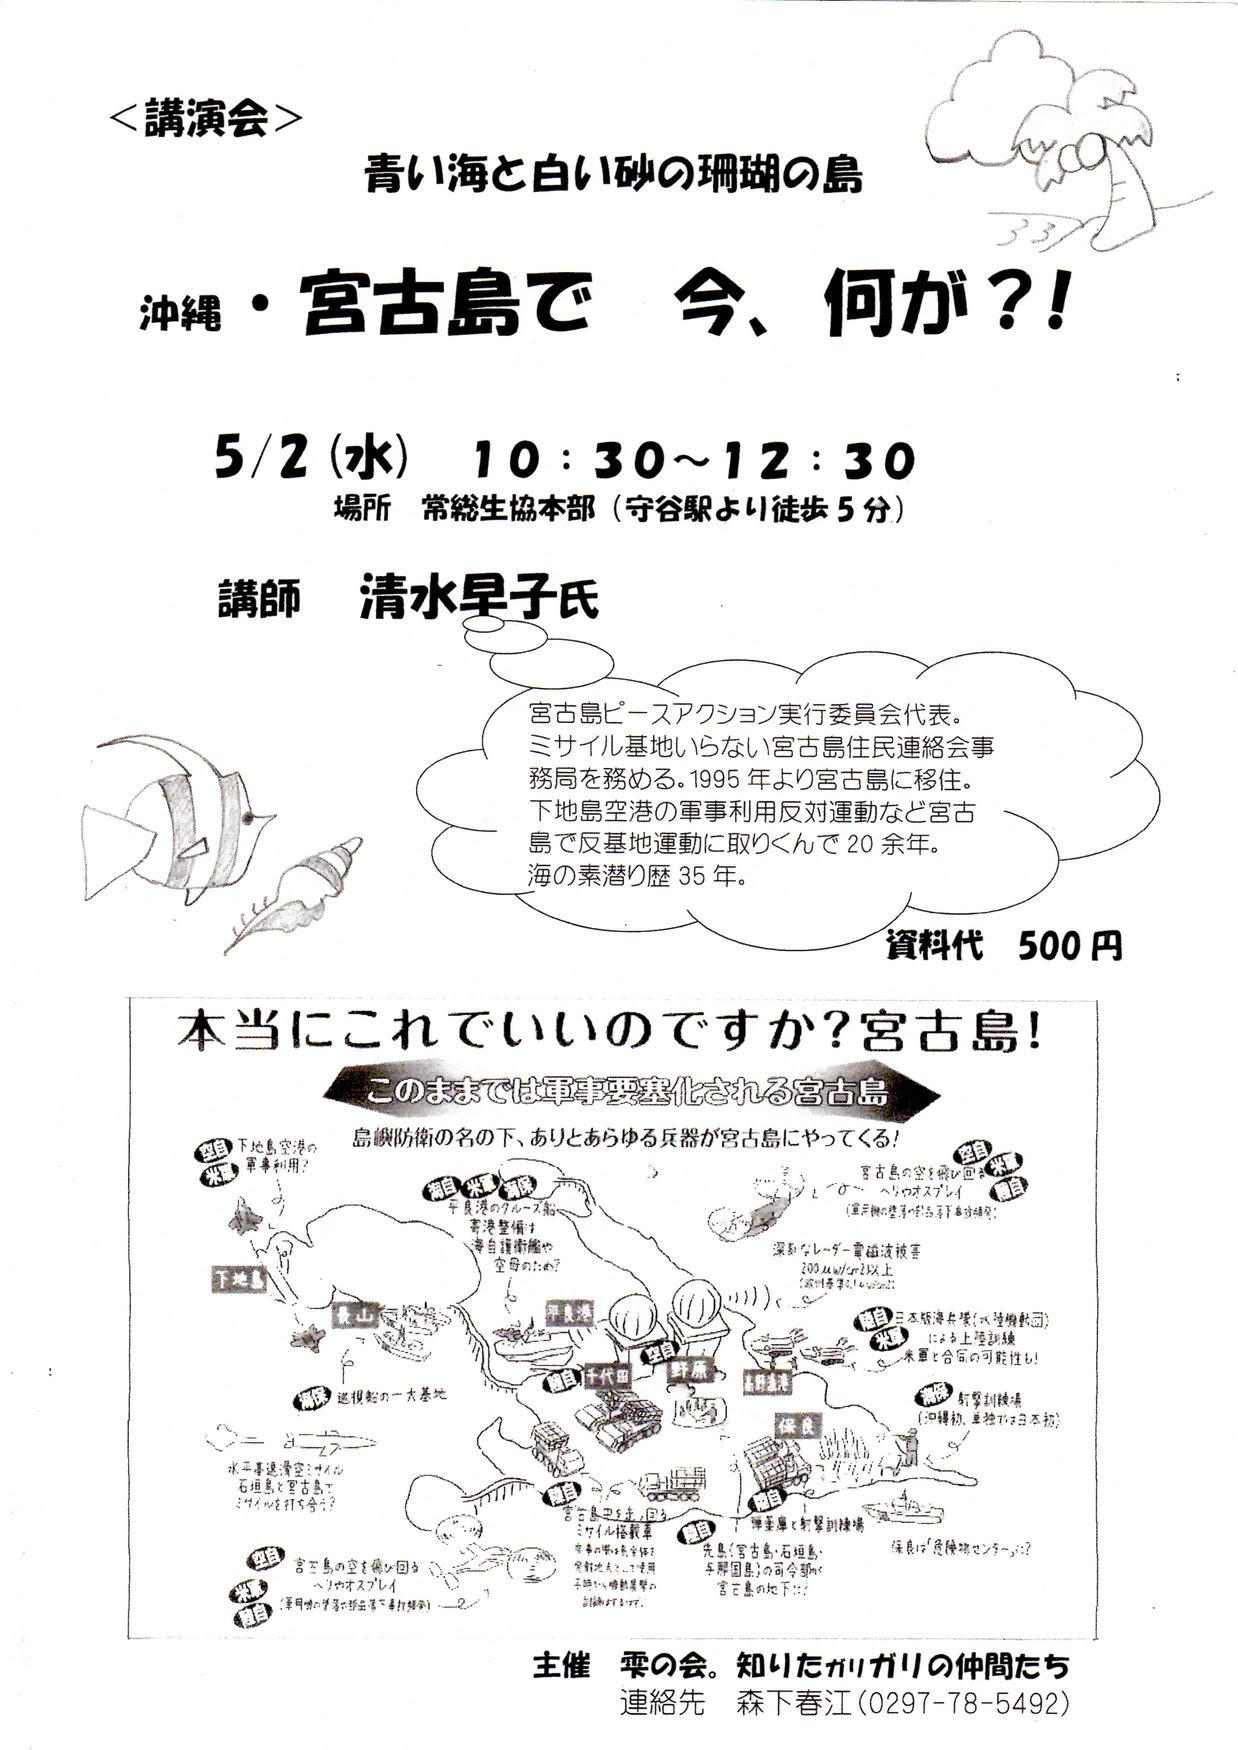 2018 0502 講演会チラシ[1]